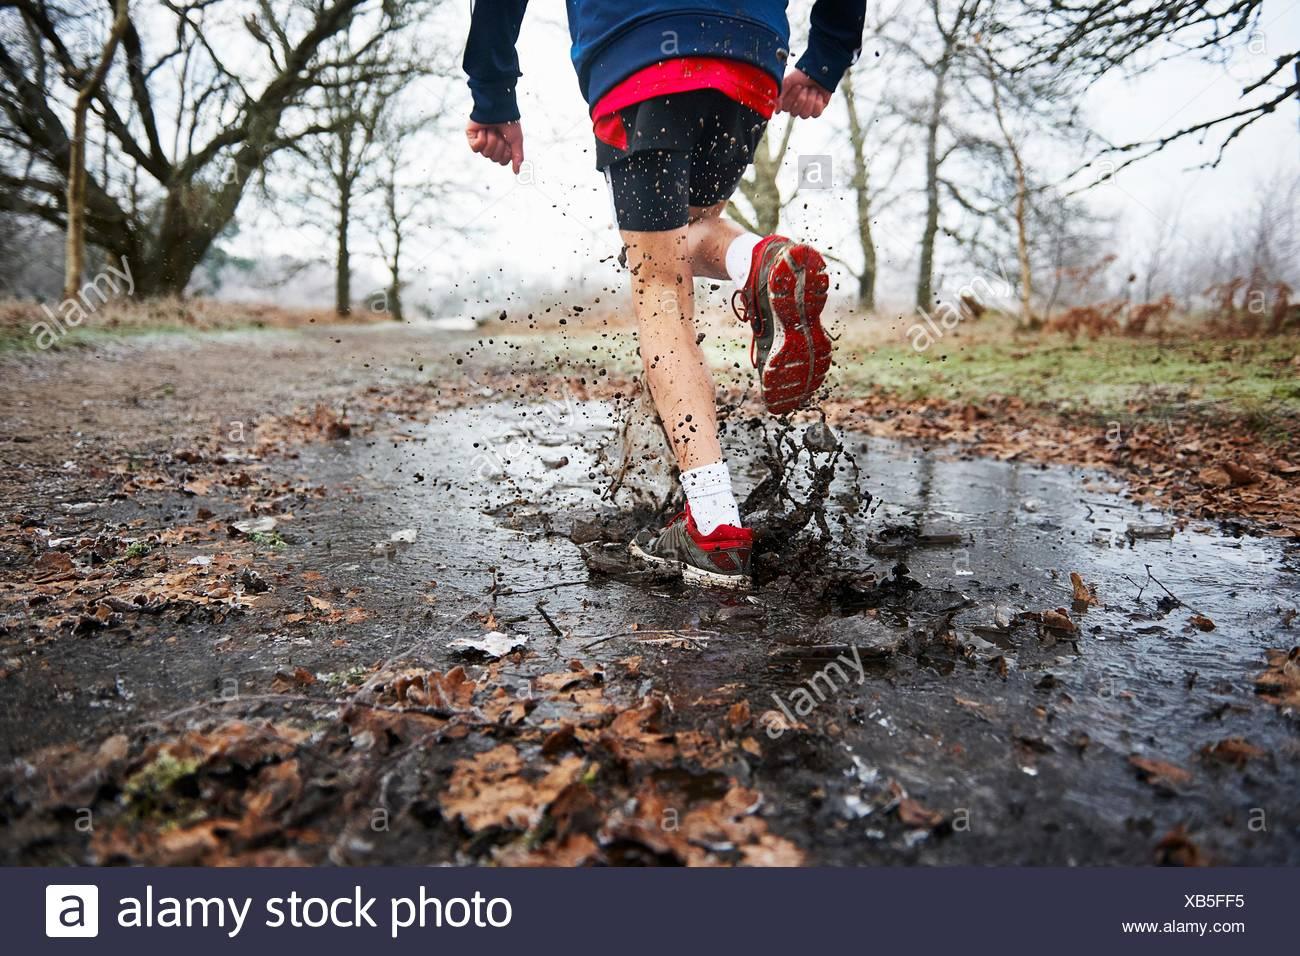 Rear view of teenage boy running through puddle splashing - Stock Image